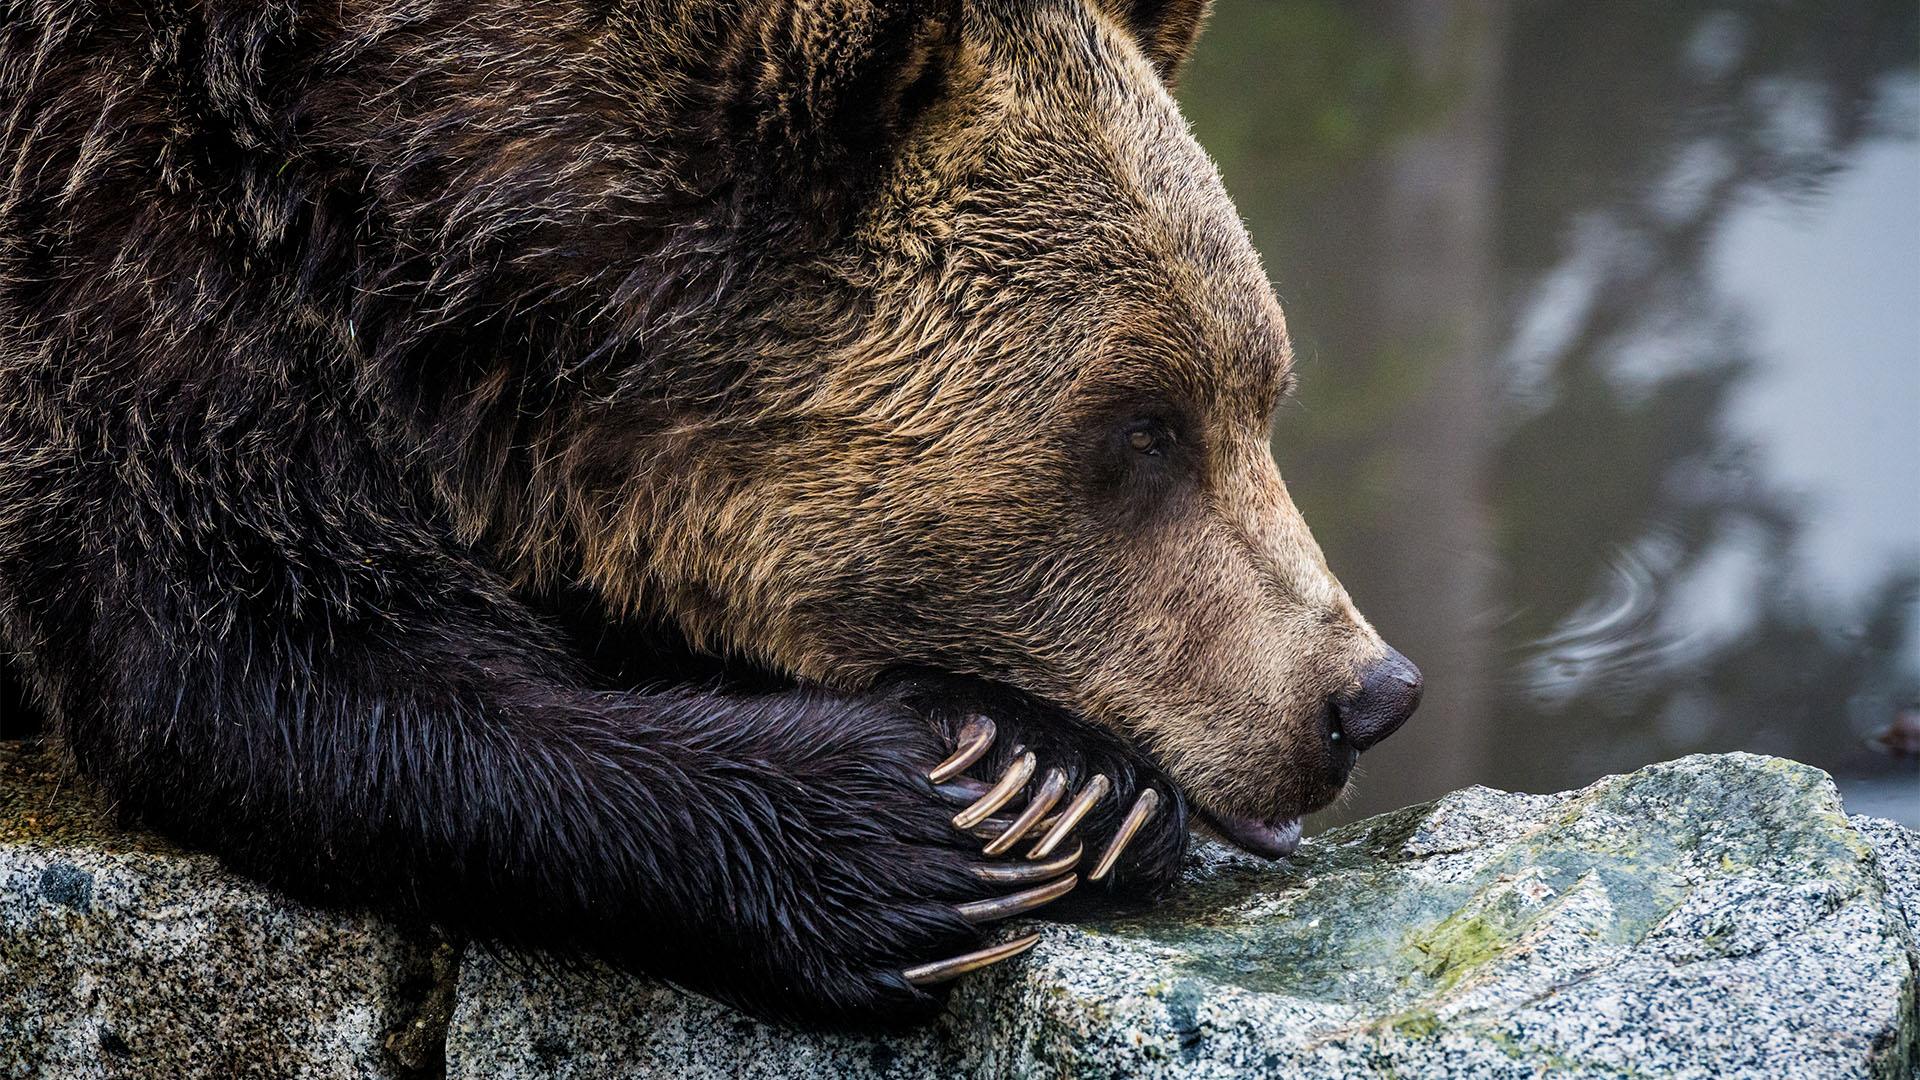 Nem sokon múlott, hogy megölje a medve a meggondolatlan turistát